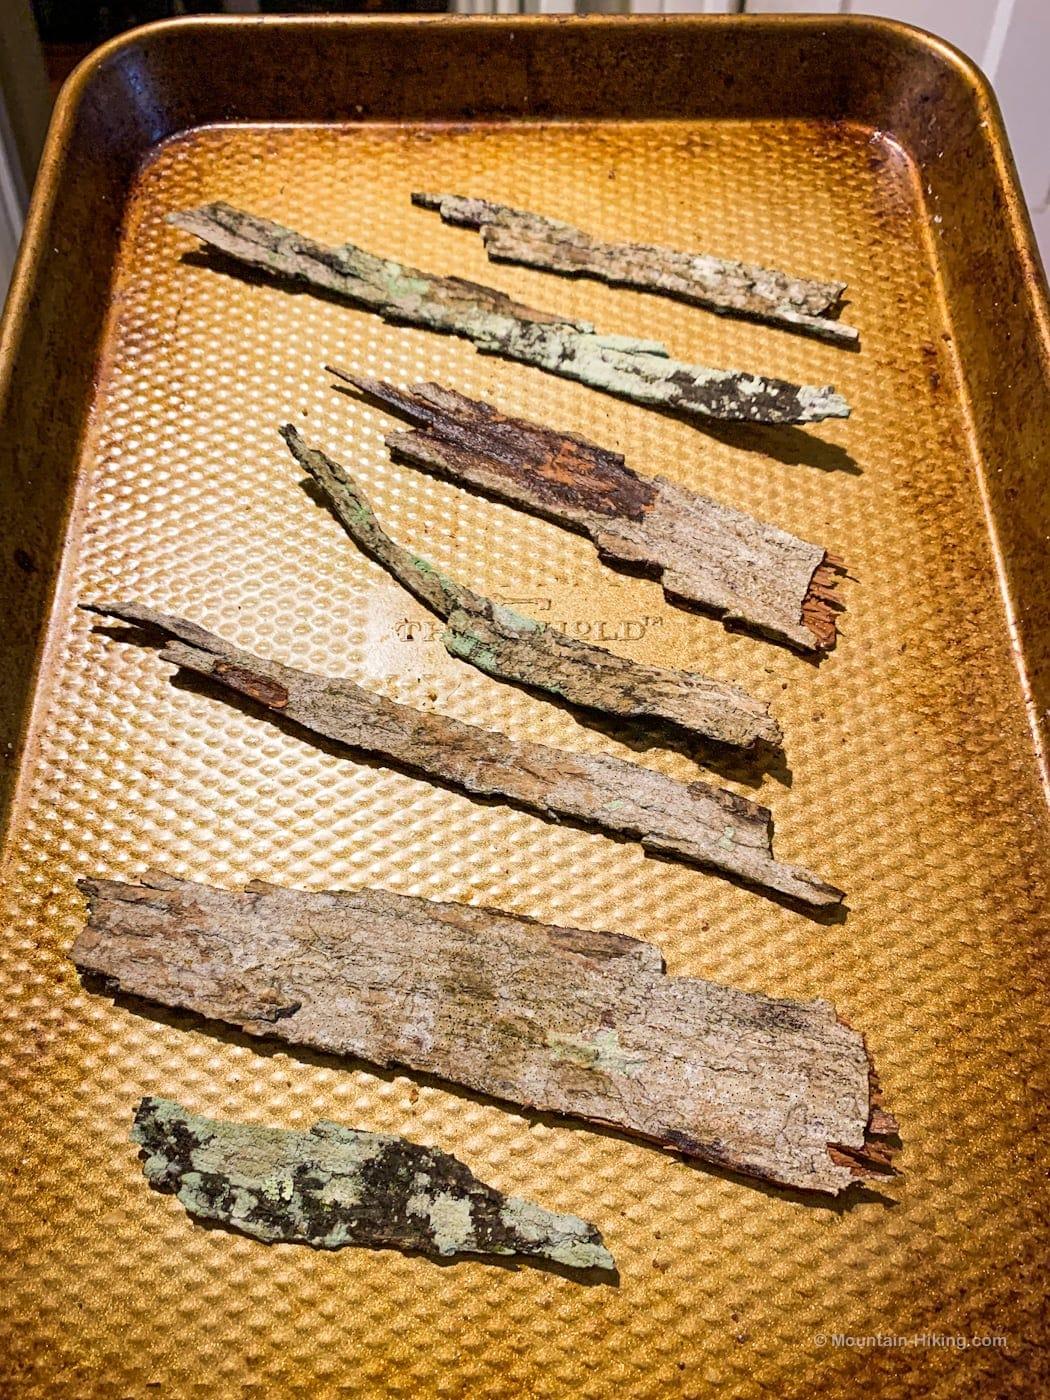 shagbark hickory on a roasting tray